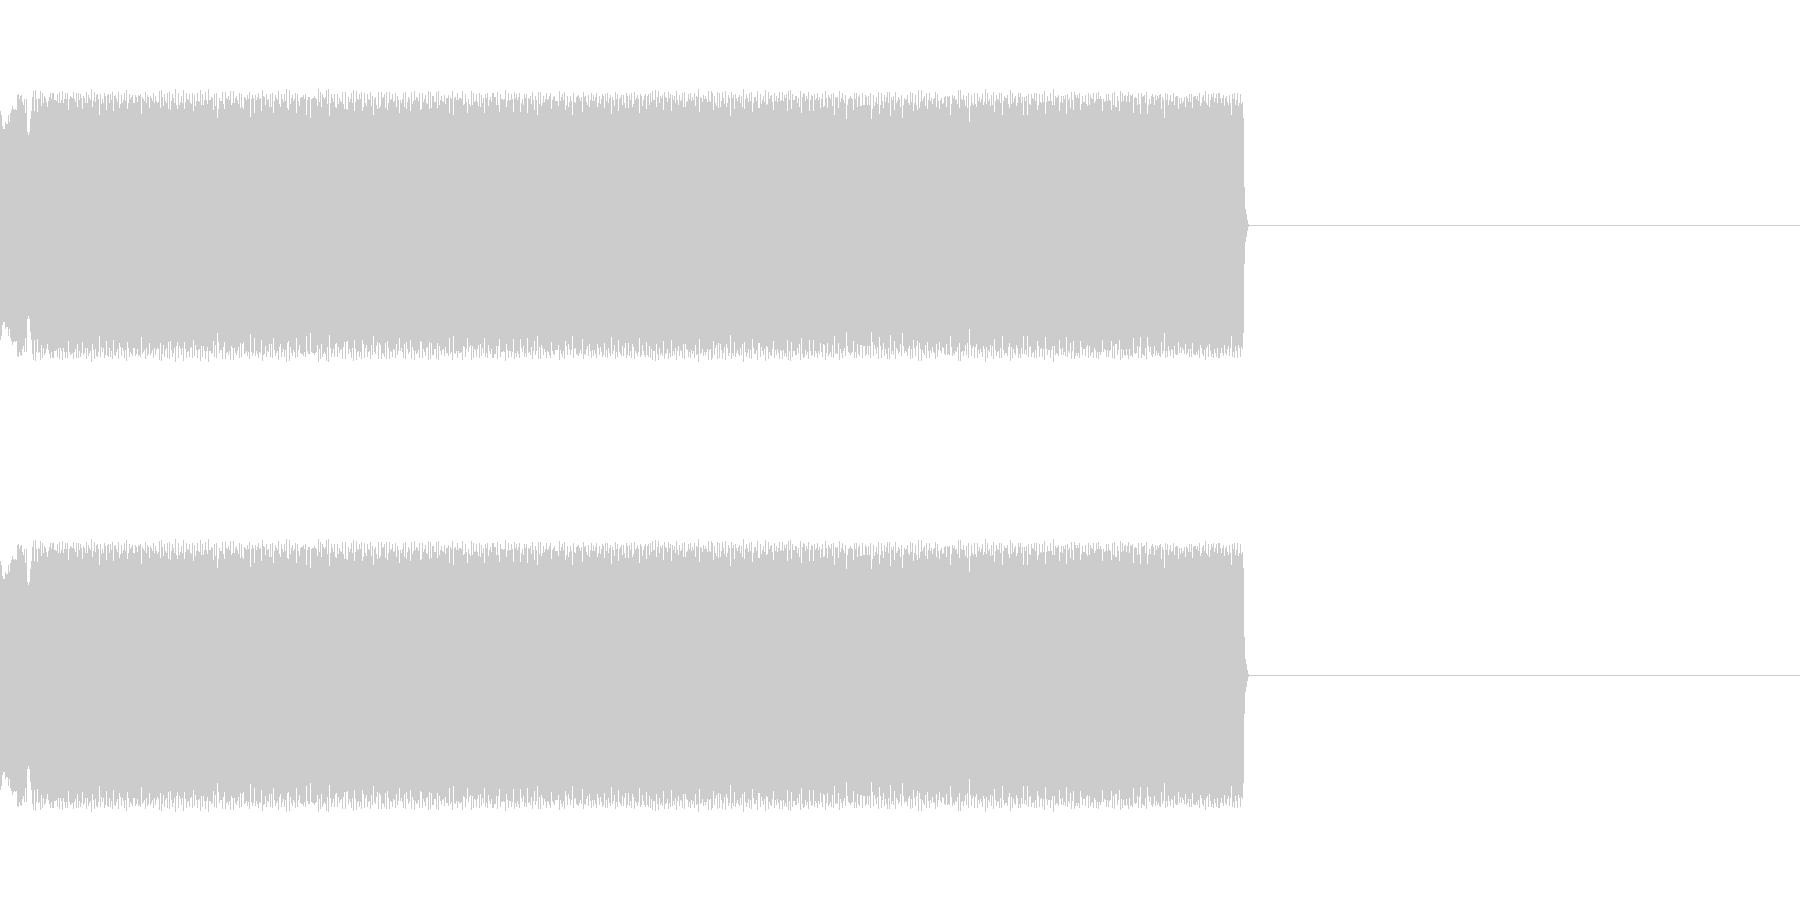 チープなレーザー音の未再生の波形